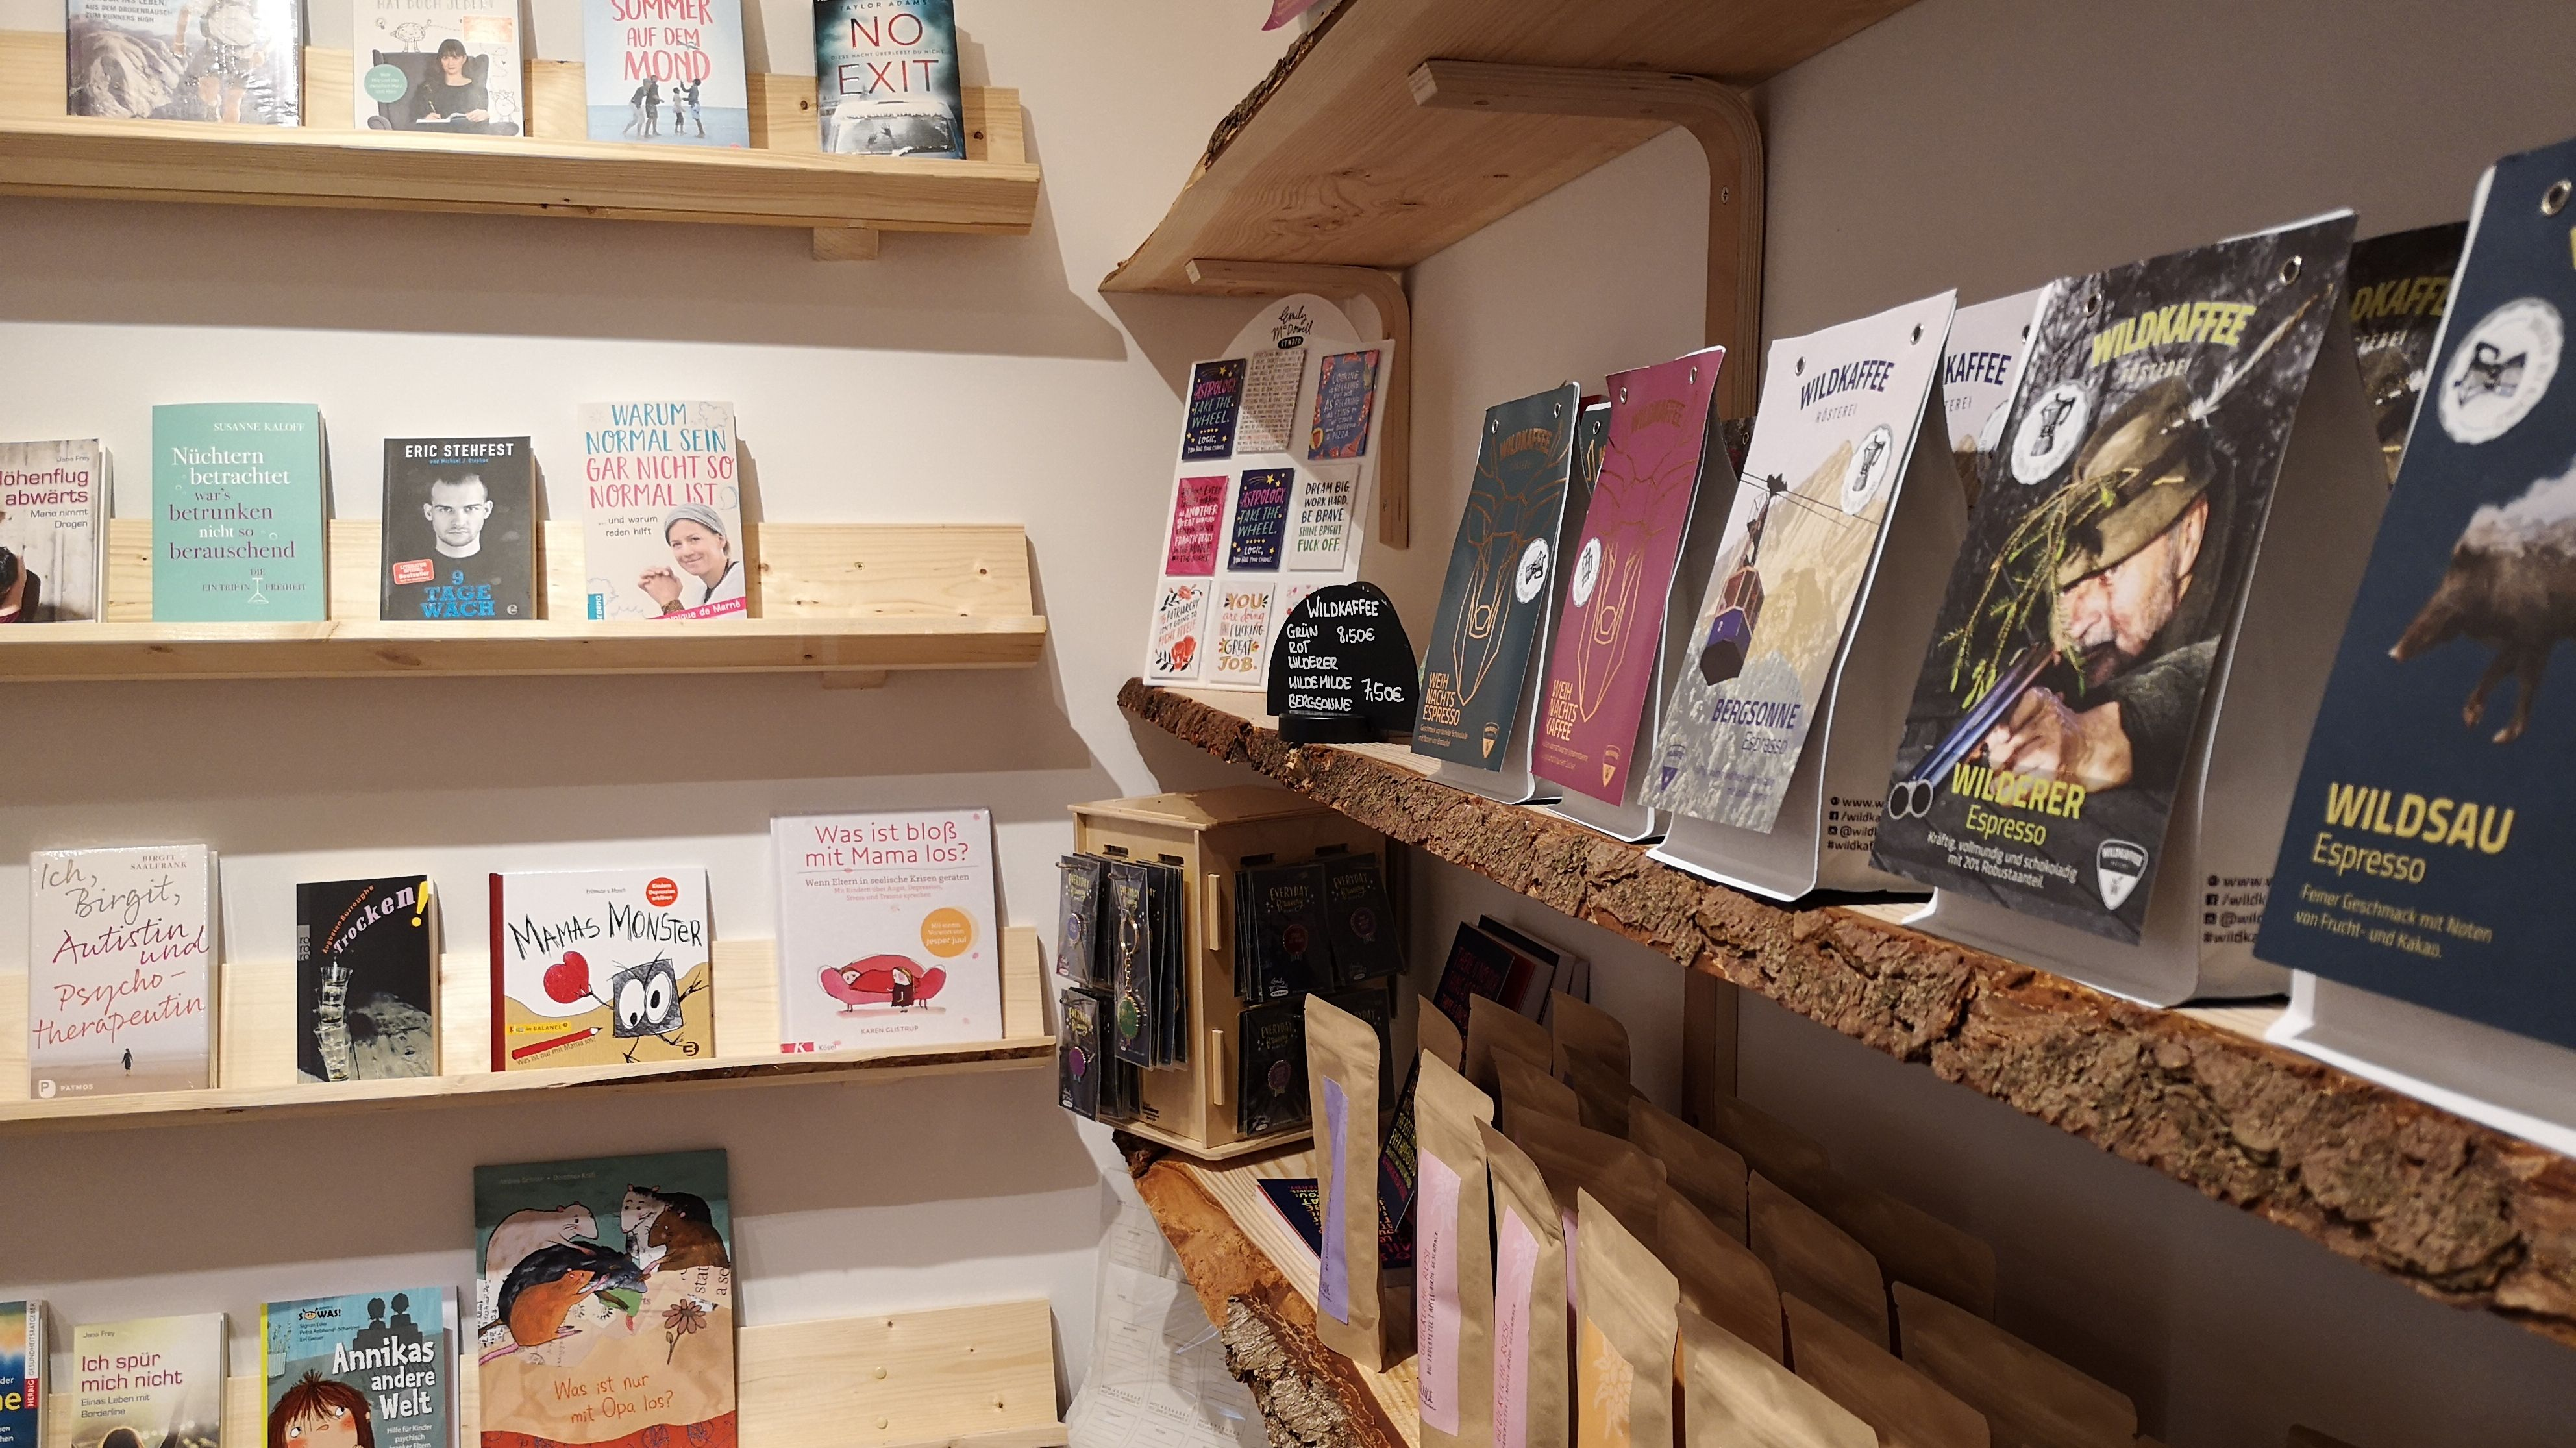 Shopbereich im Café. Auf mehreren Holzbrettern stehen Kaffee, Tee, Bücher und Ratgeber.